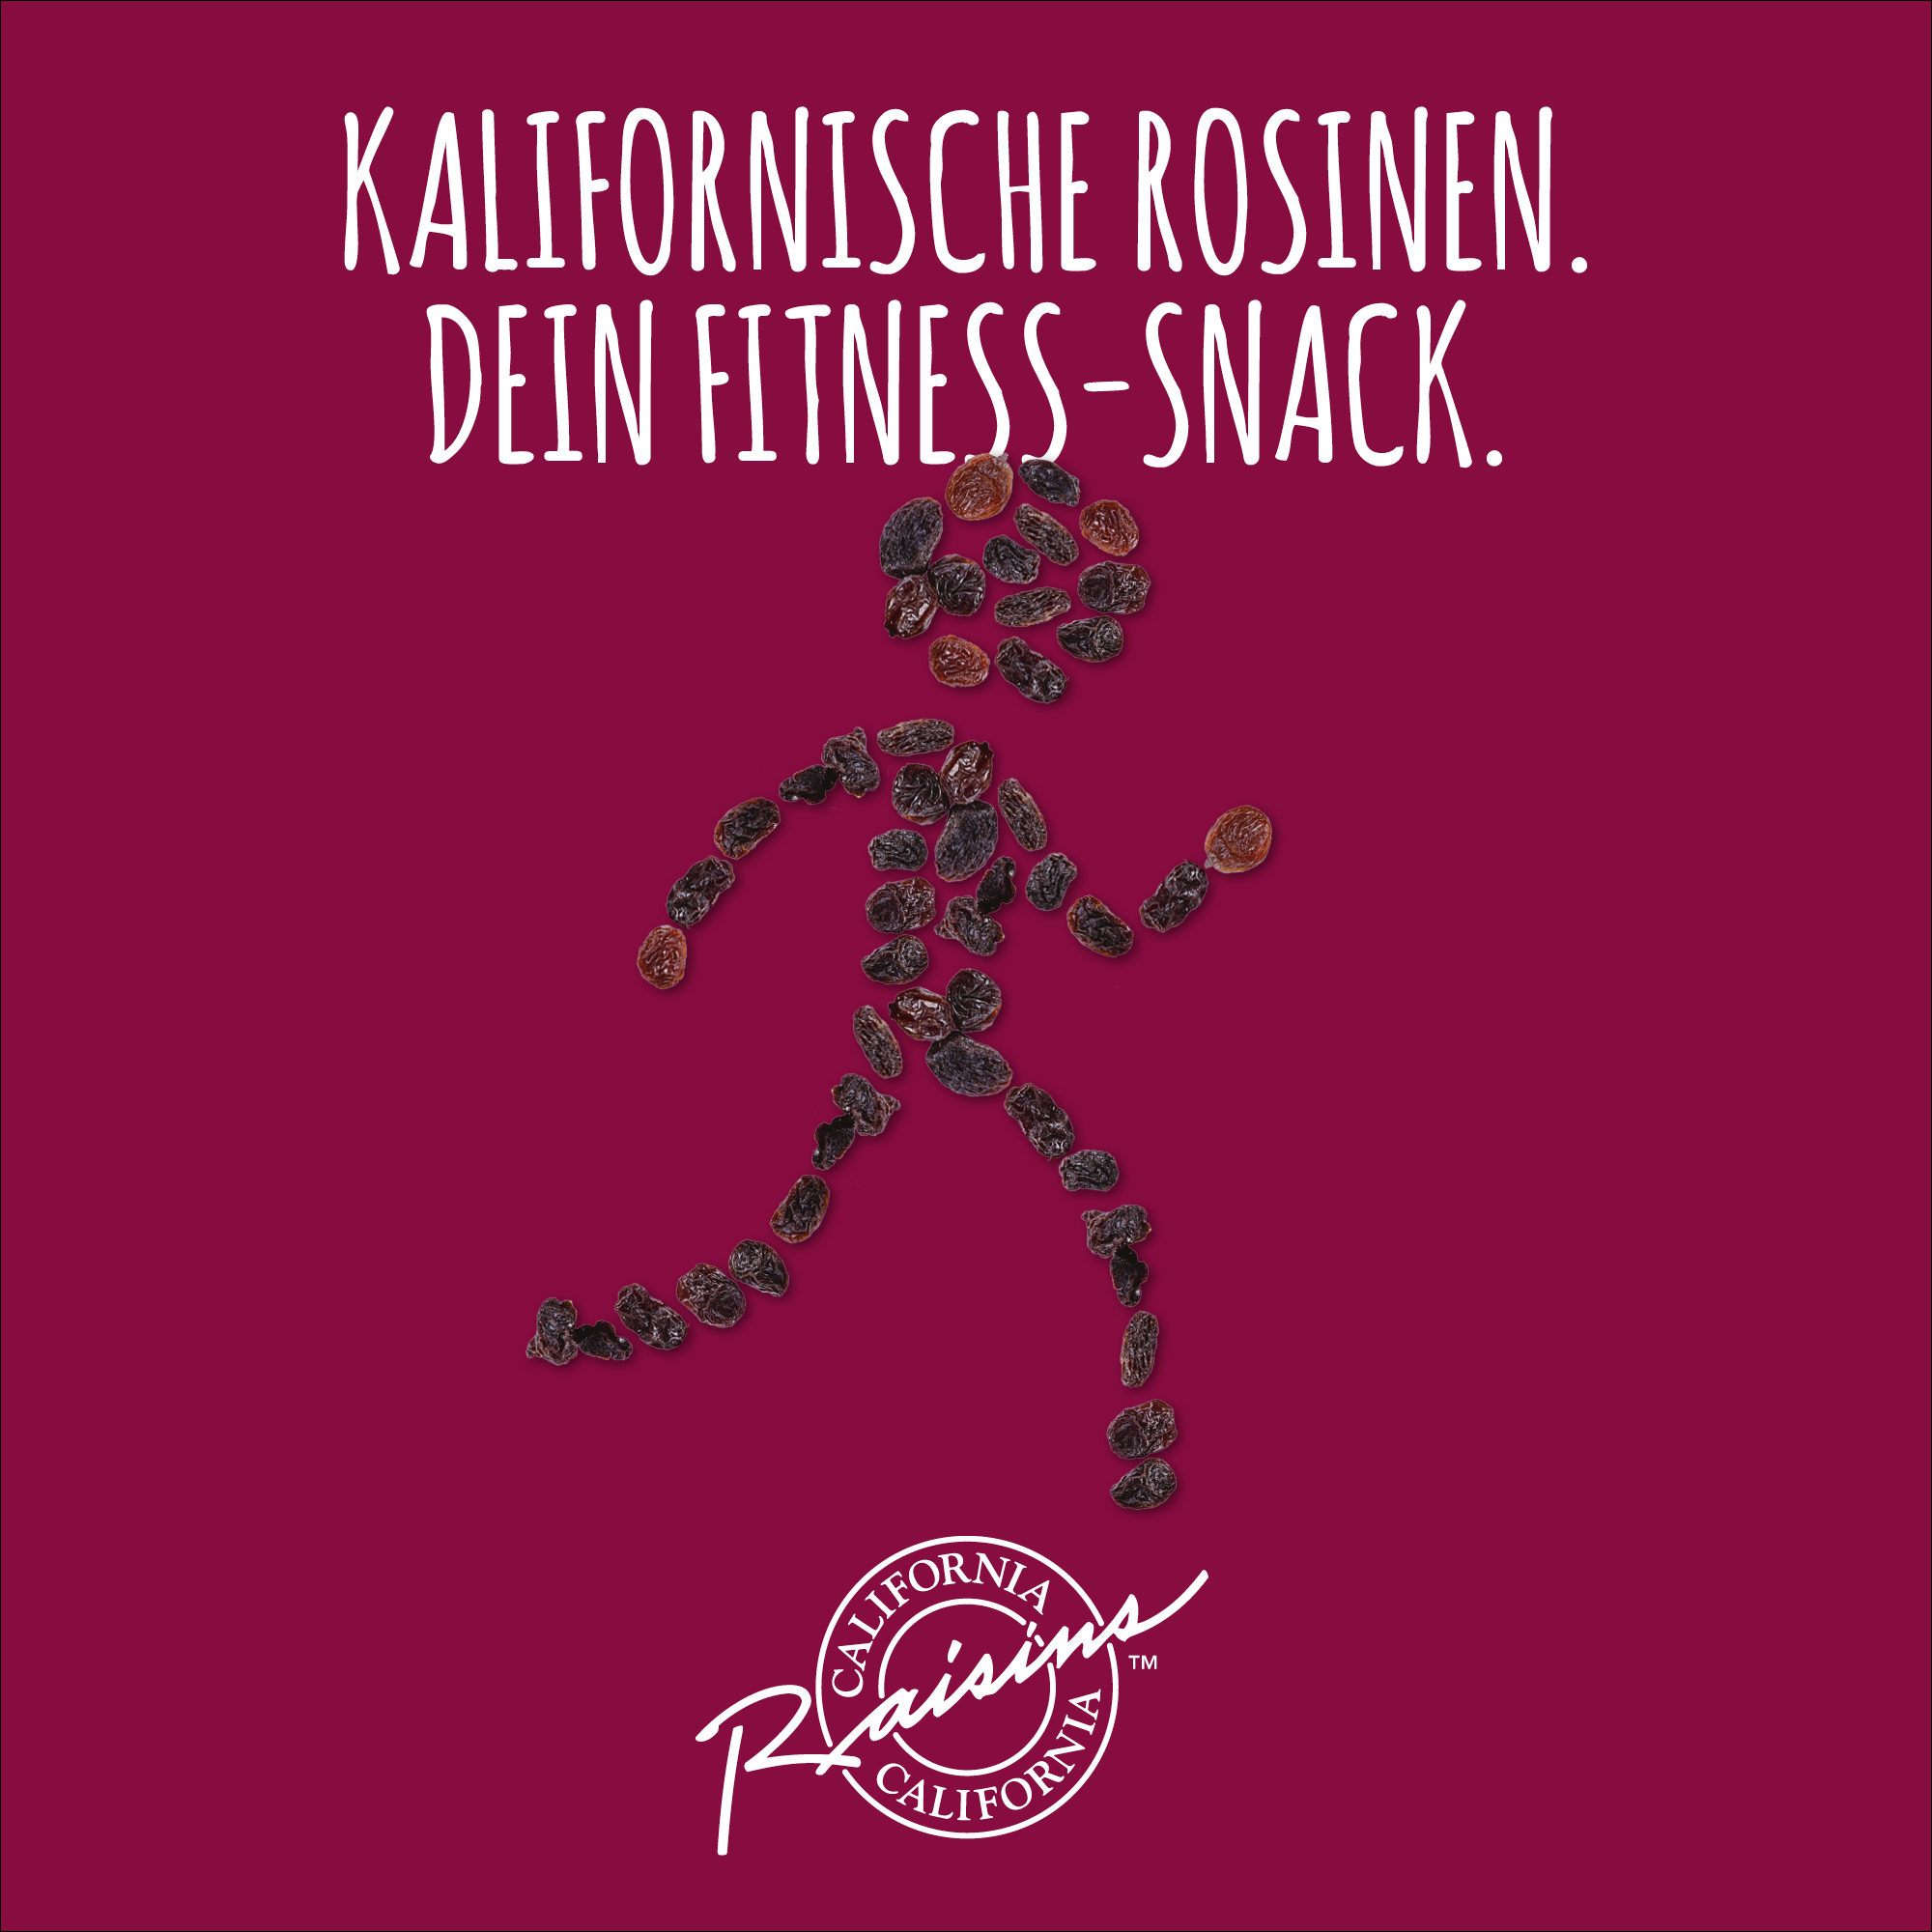 California Raisins warum sind Rosinen der ideale Fitness-Snack